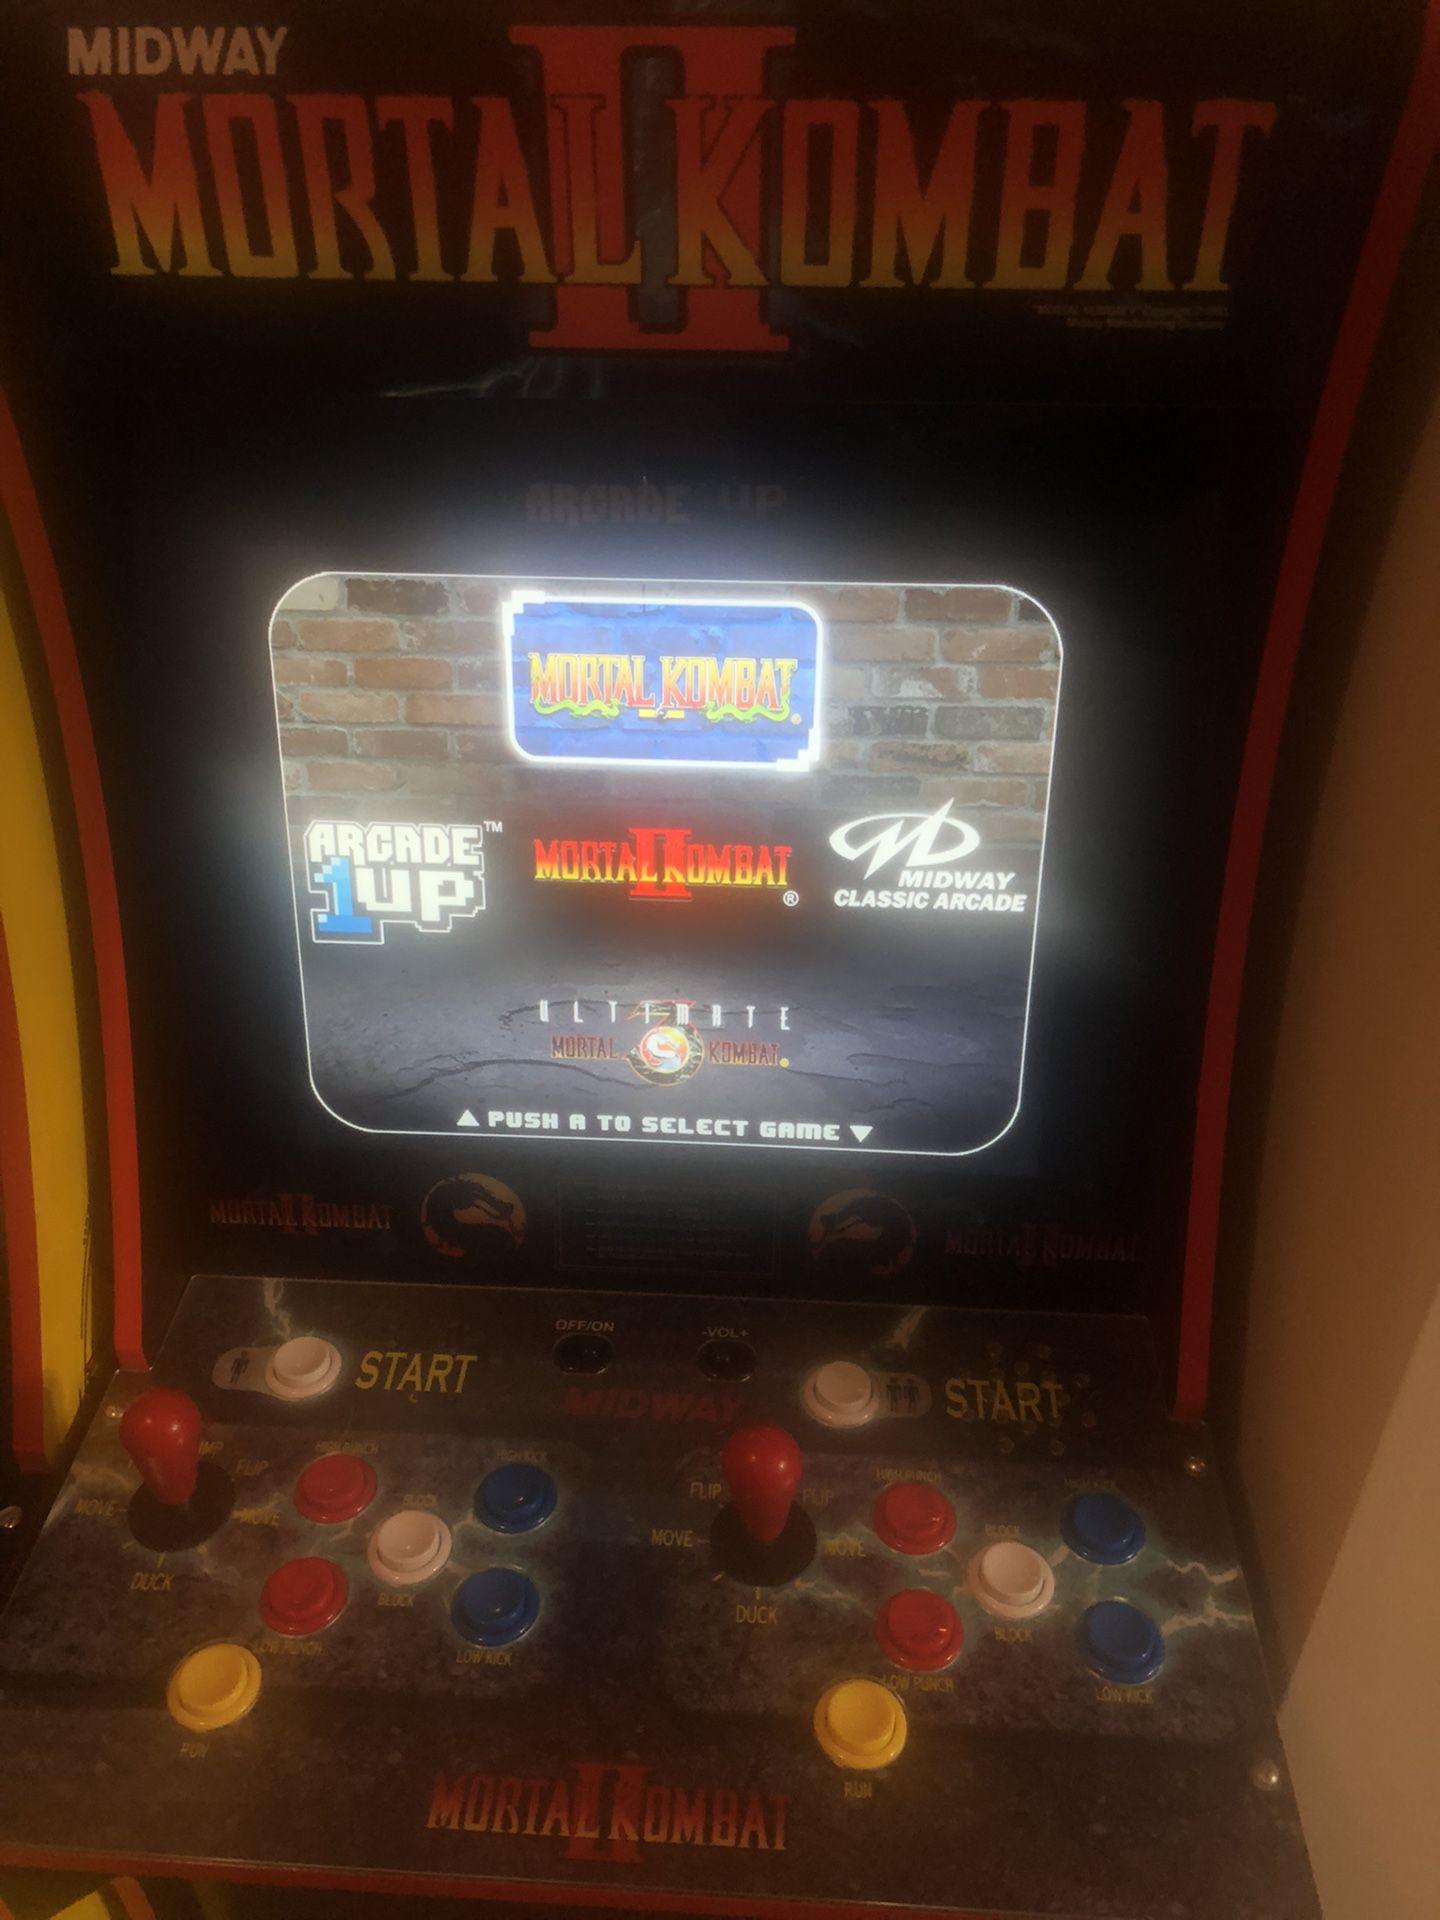 Mortal Kombat Arcade Game